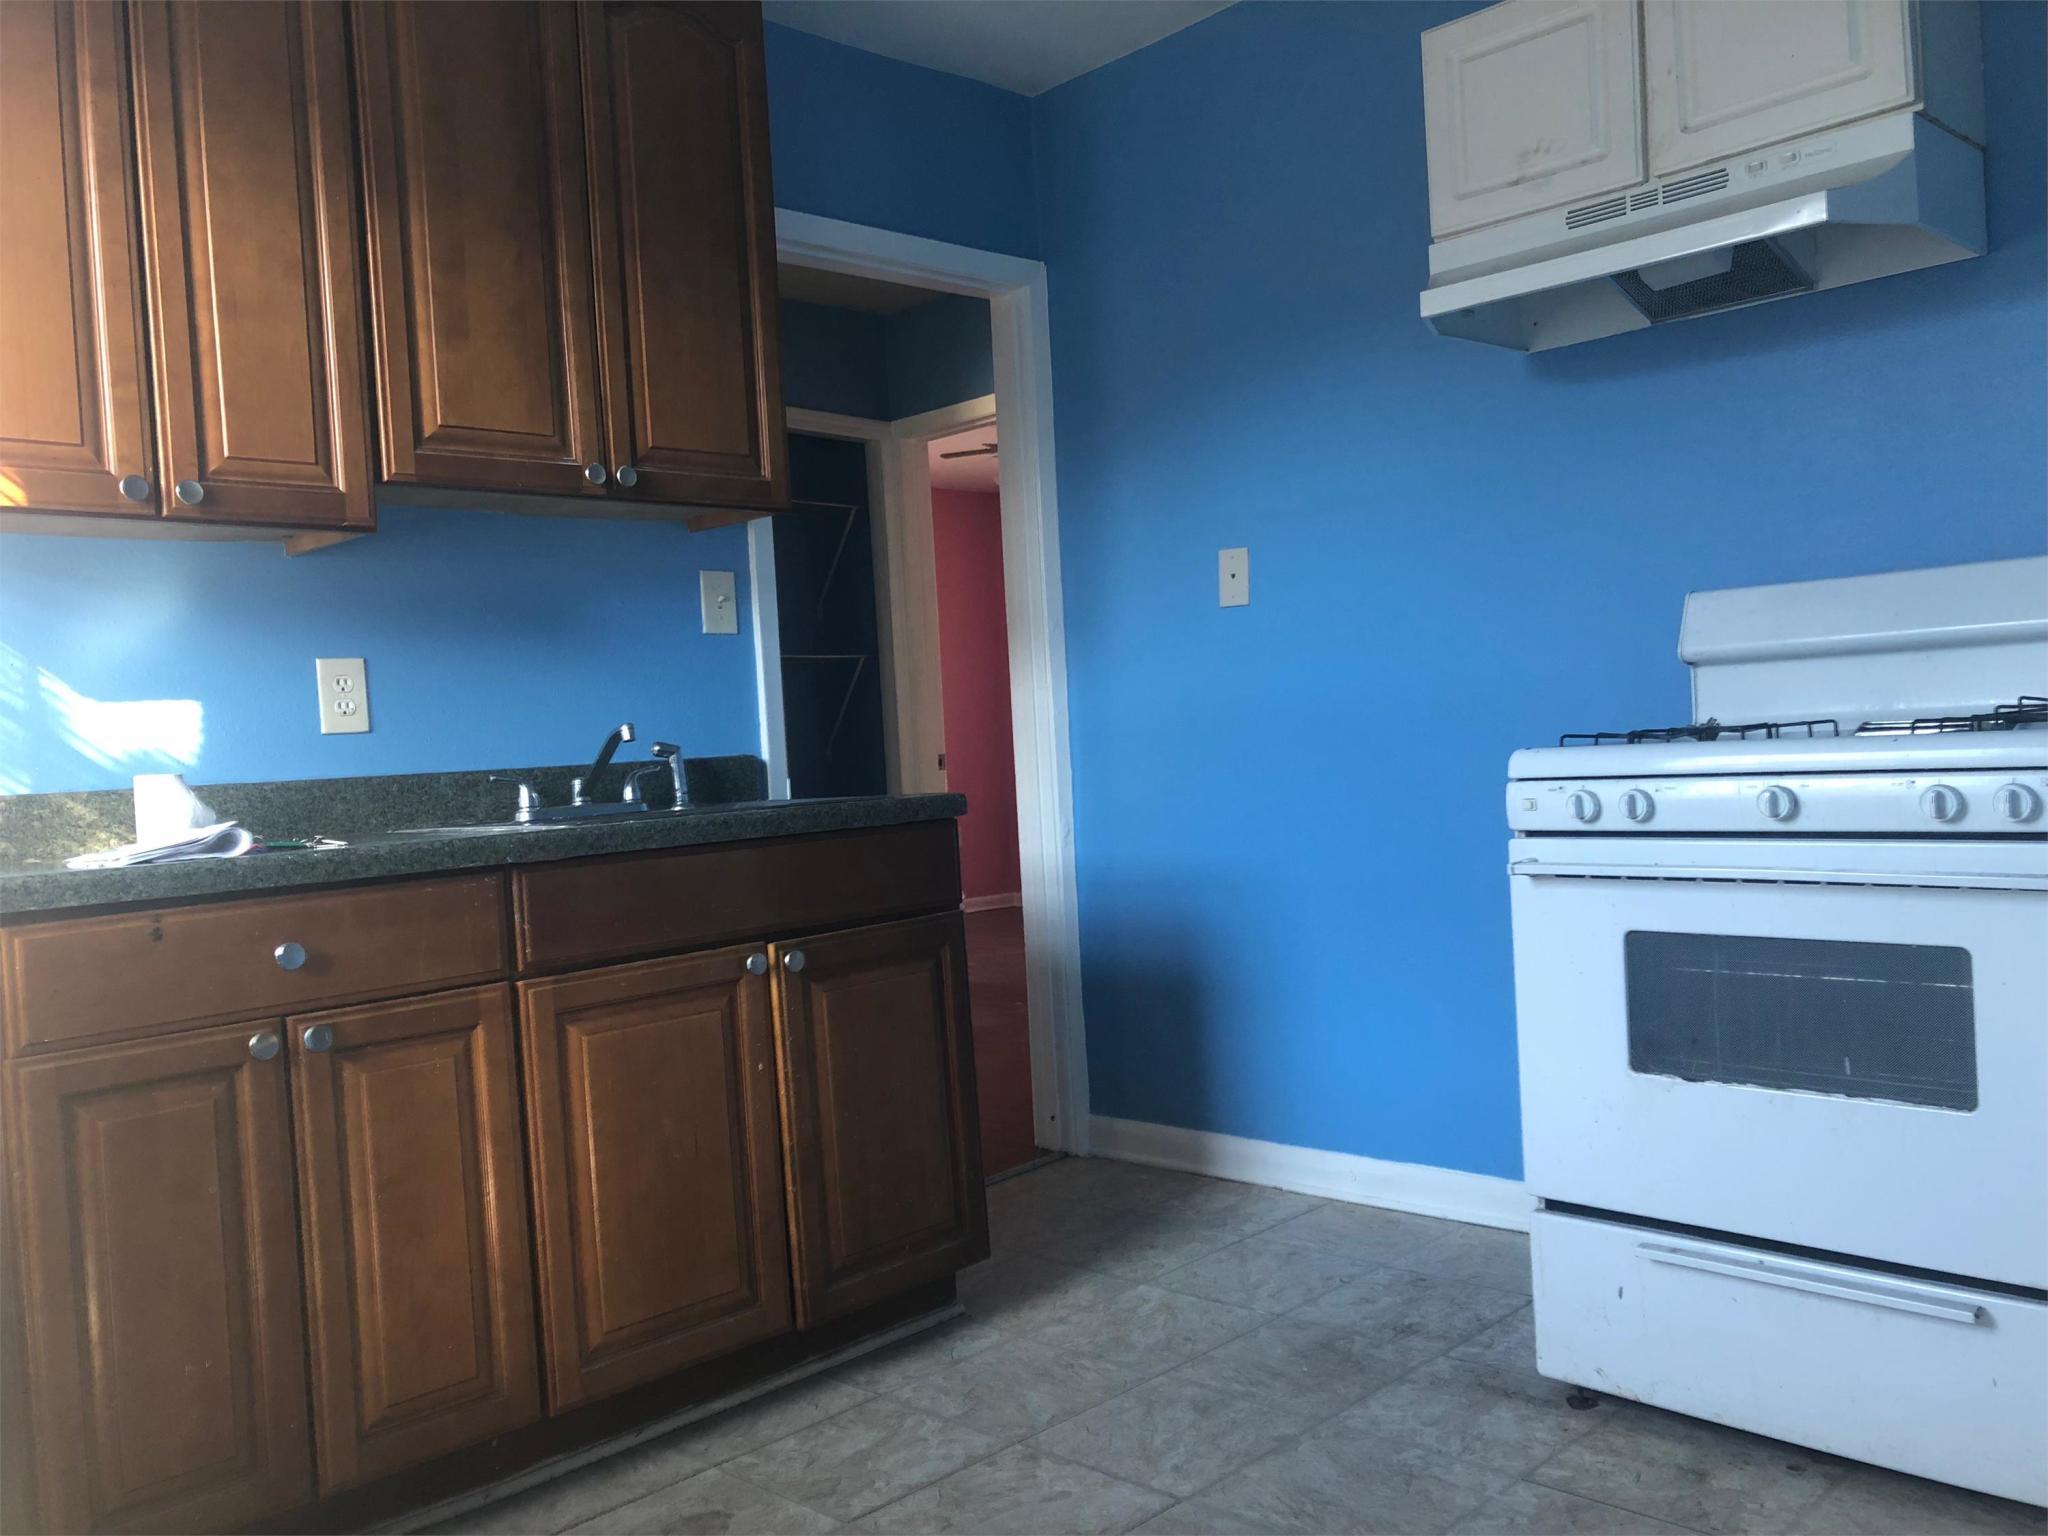 9118 Palmetto St #1, New Orleans, LA 70118 For Rent | Trulia